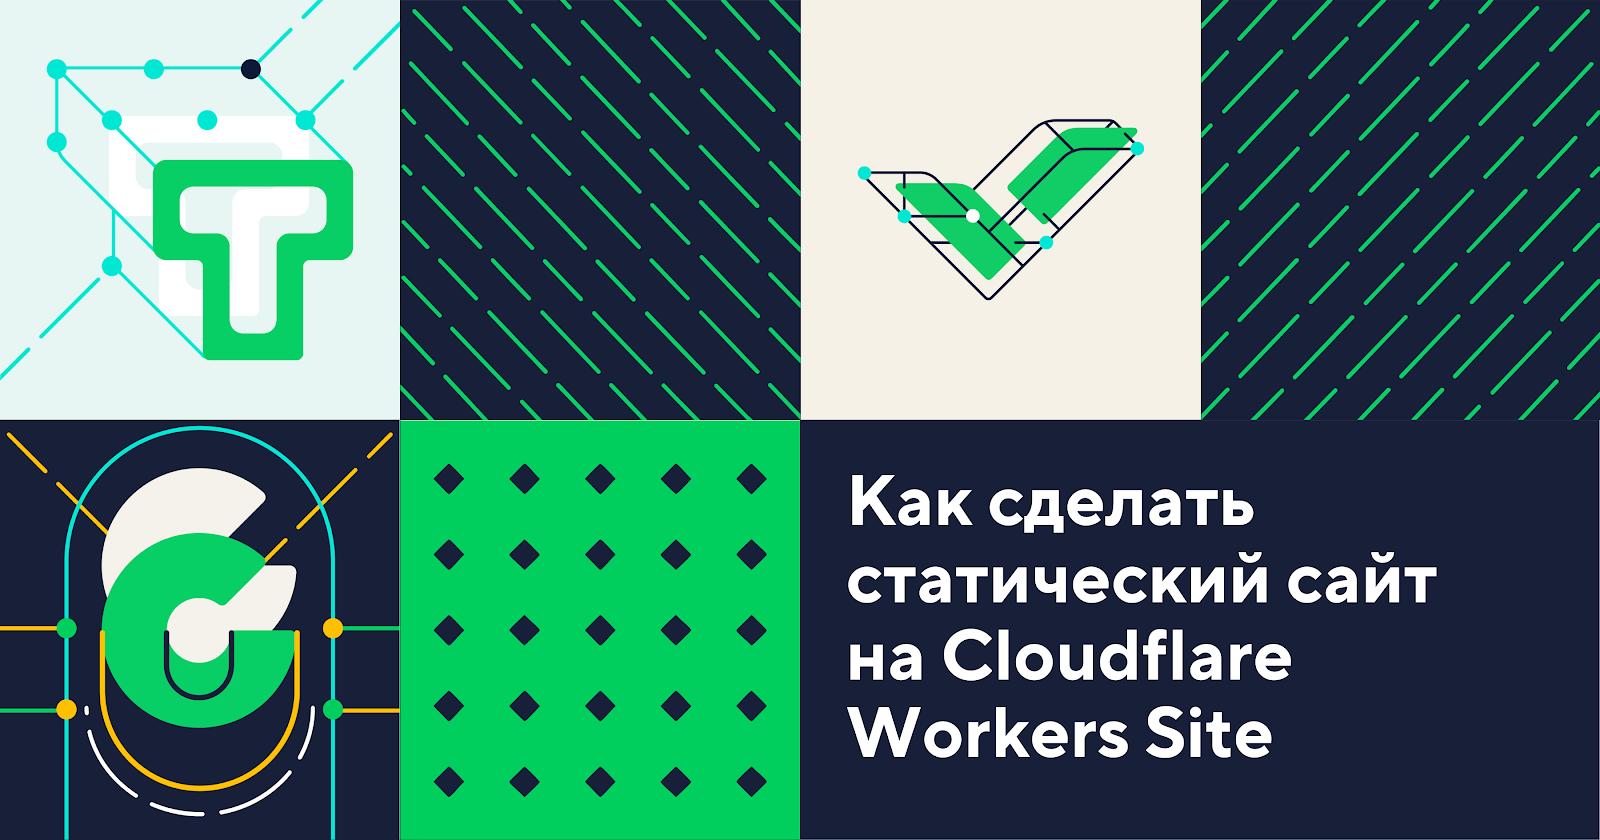 Как сделать статический сайт на Cloudflare Workers Sites